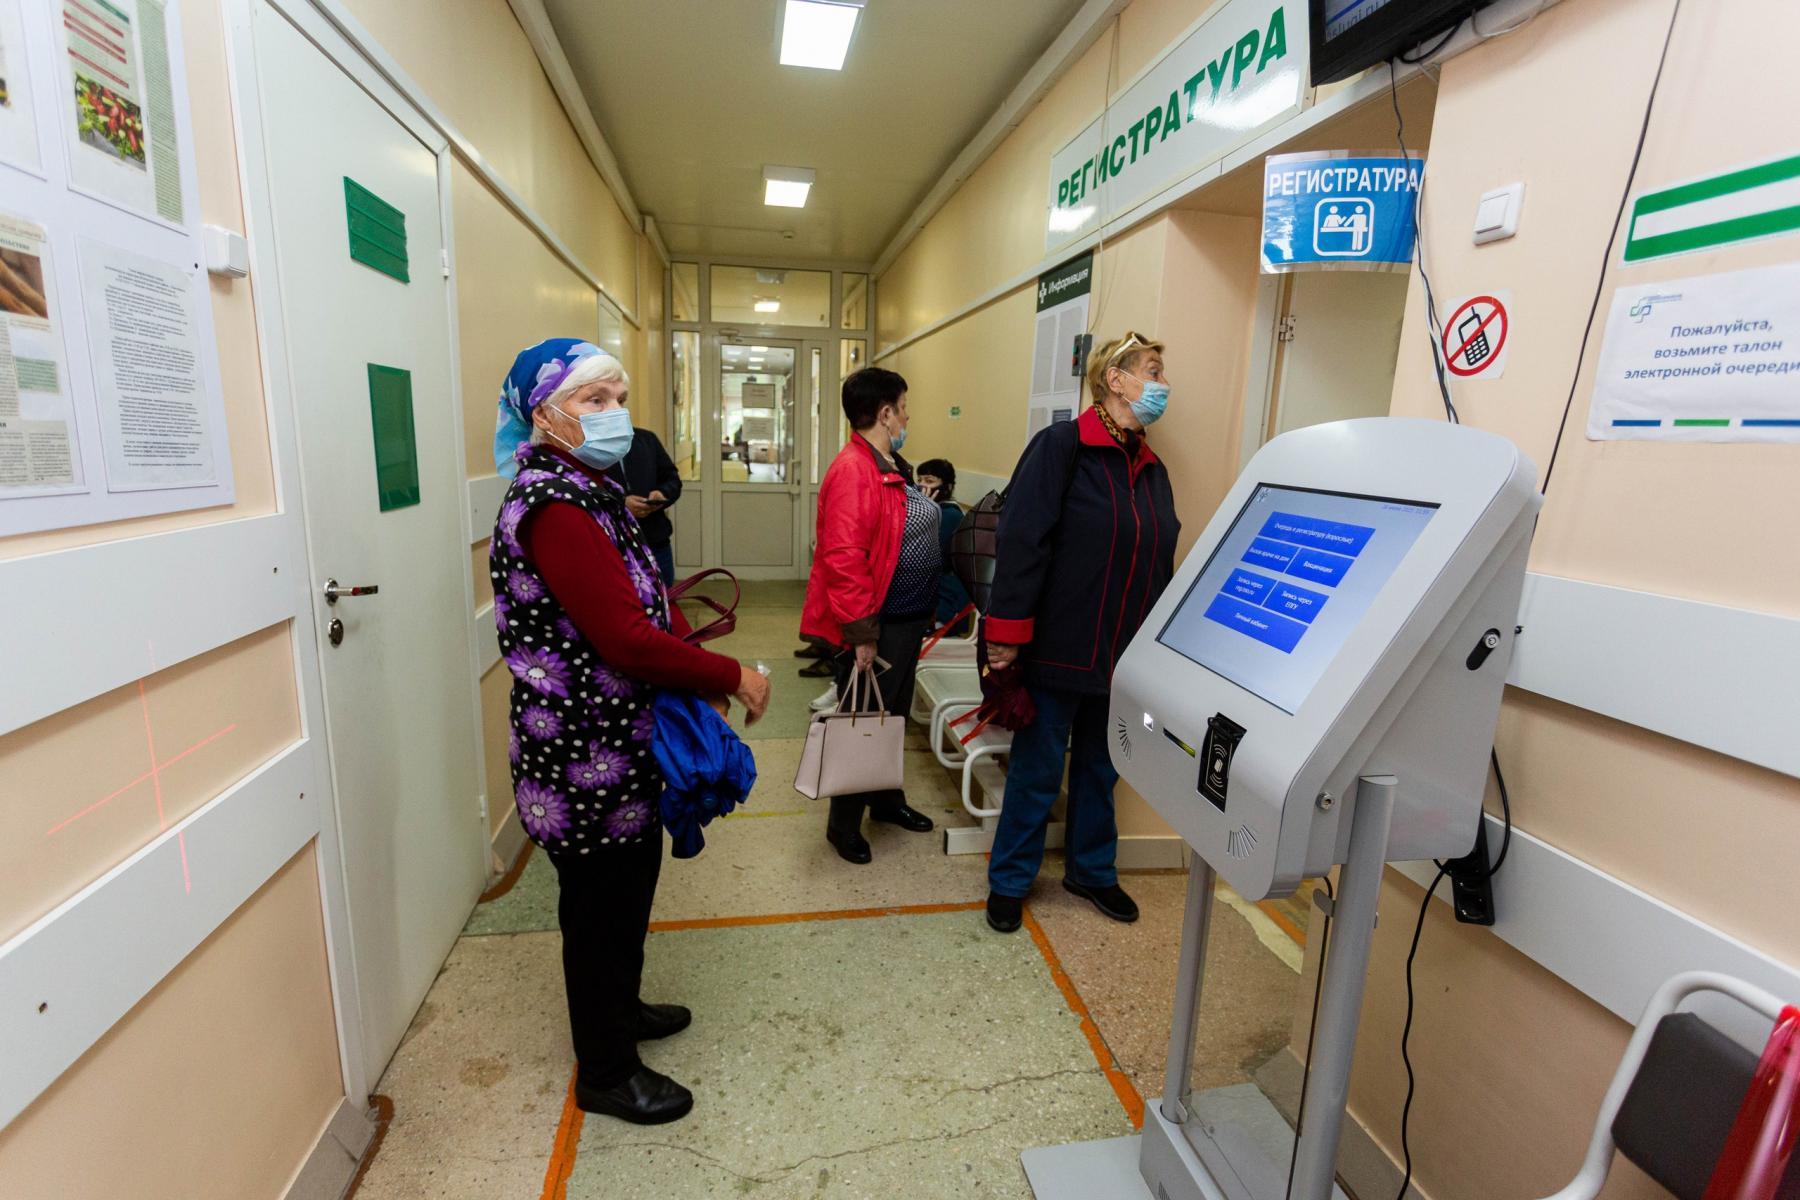 Фото 15 тысяч человек вакцинировались от коронавируса в Новосибирской области за сутки 2